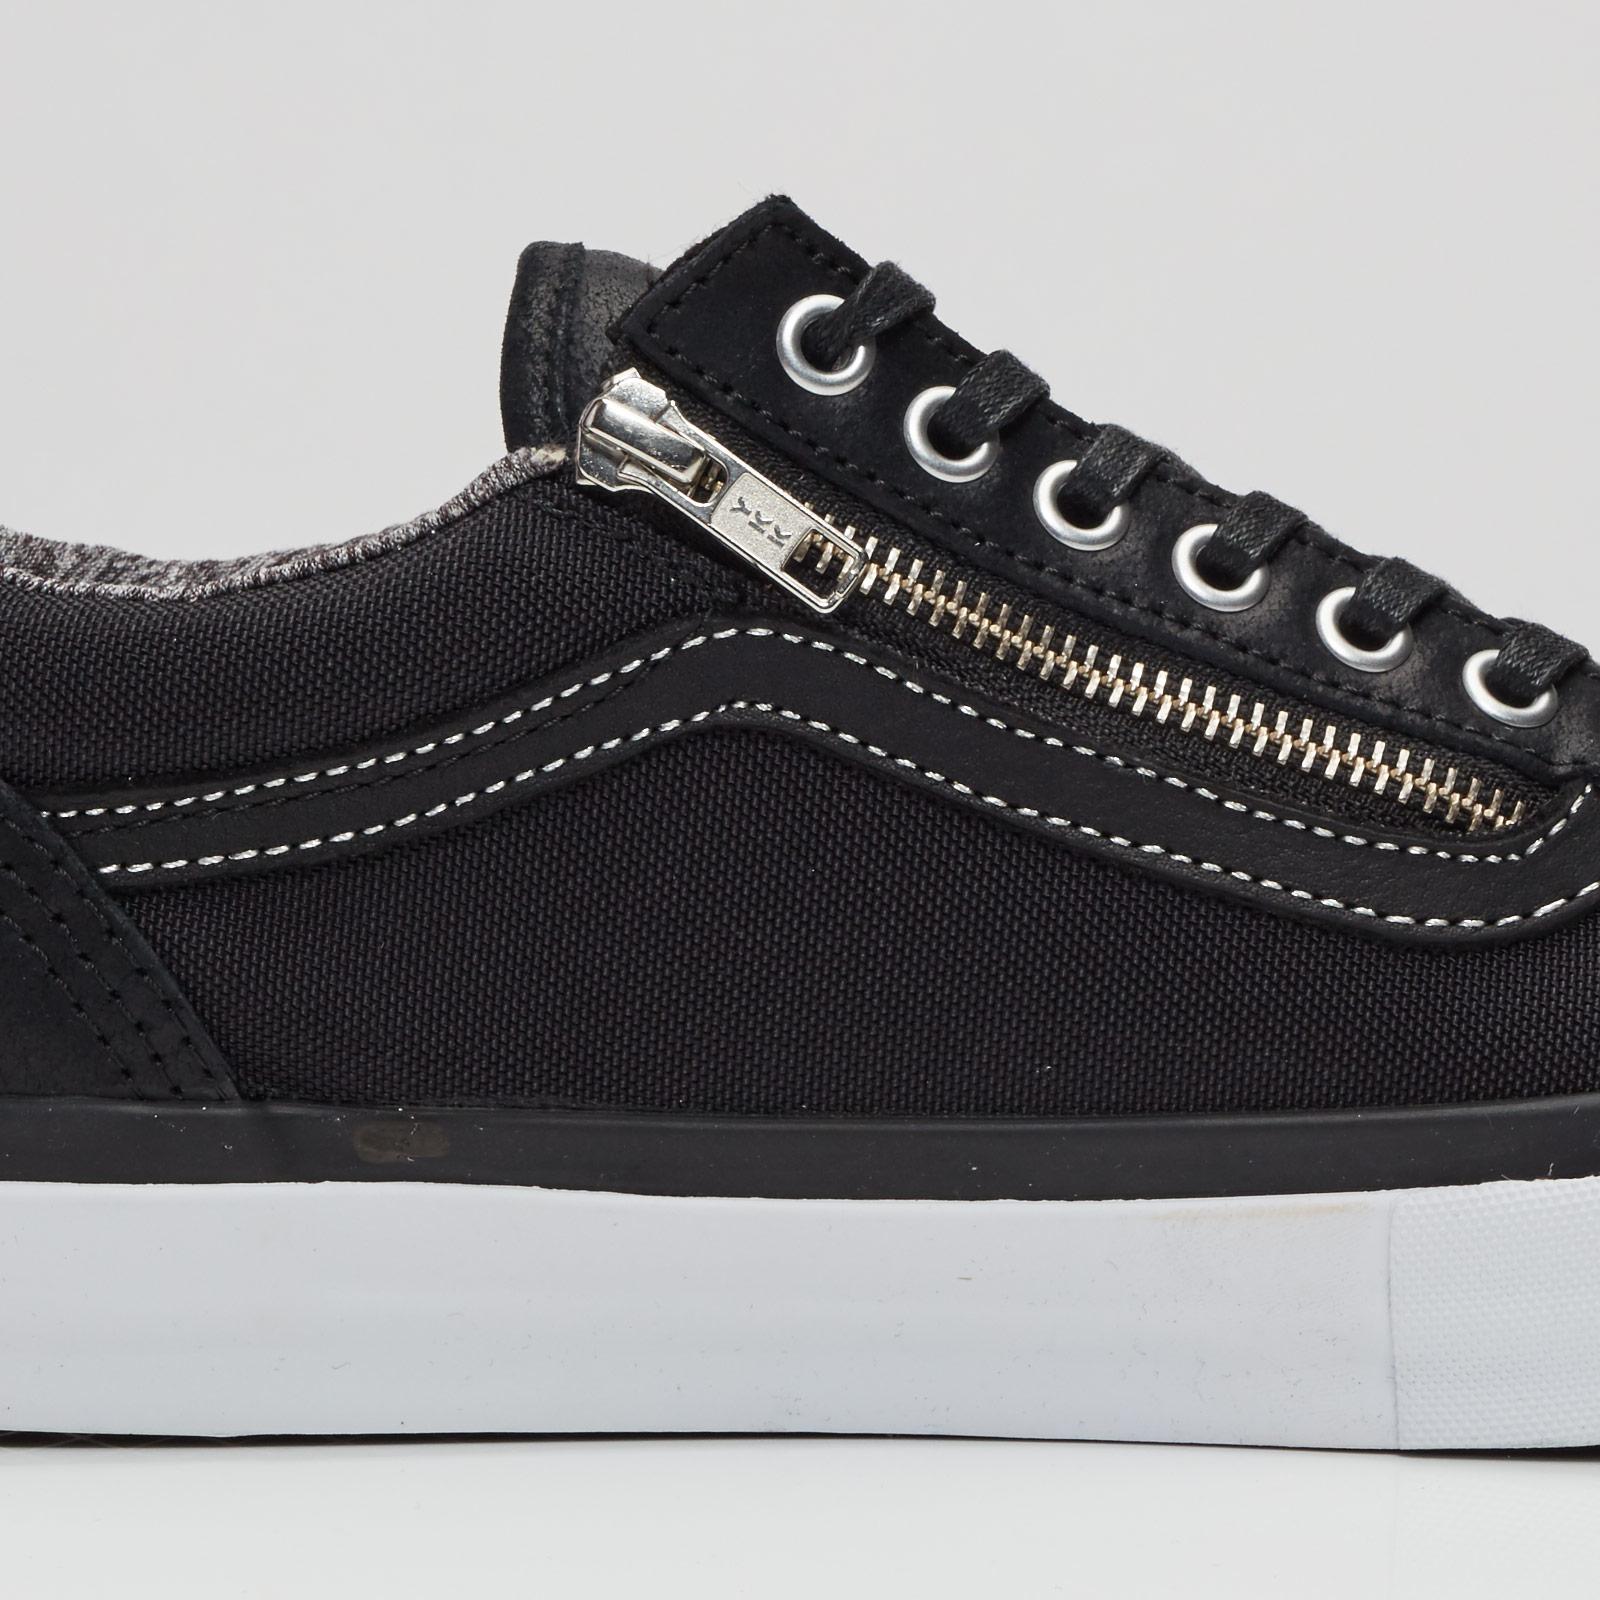 a789f7dec992 Vans Old Skool Zip LX (Highs   Lows) - V0yr5jij - Sneakersnstuff ...